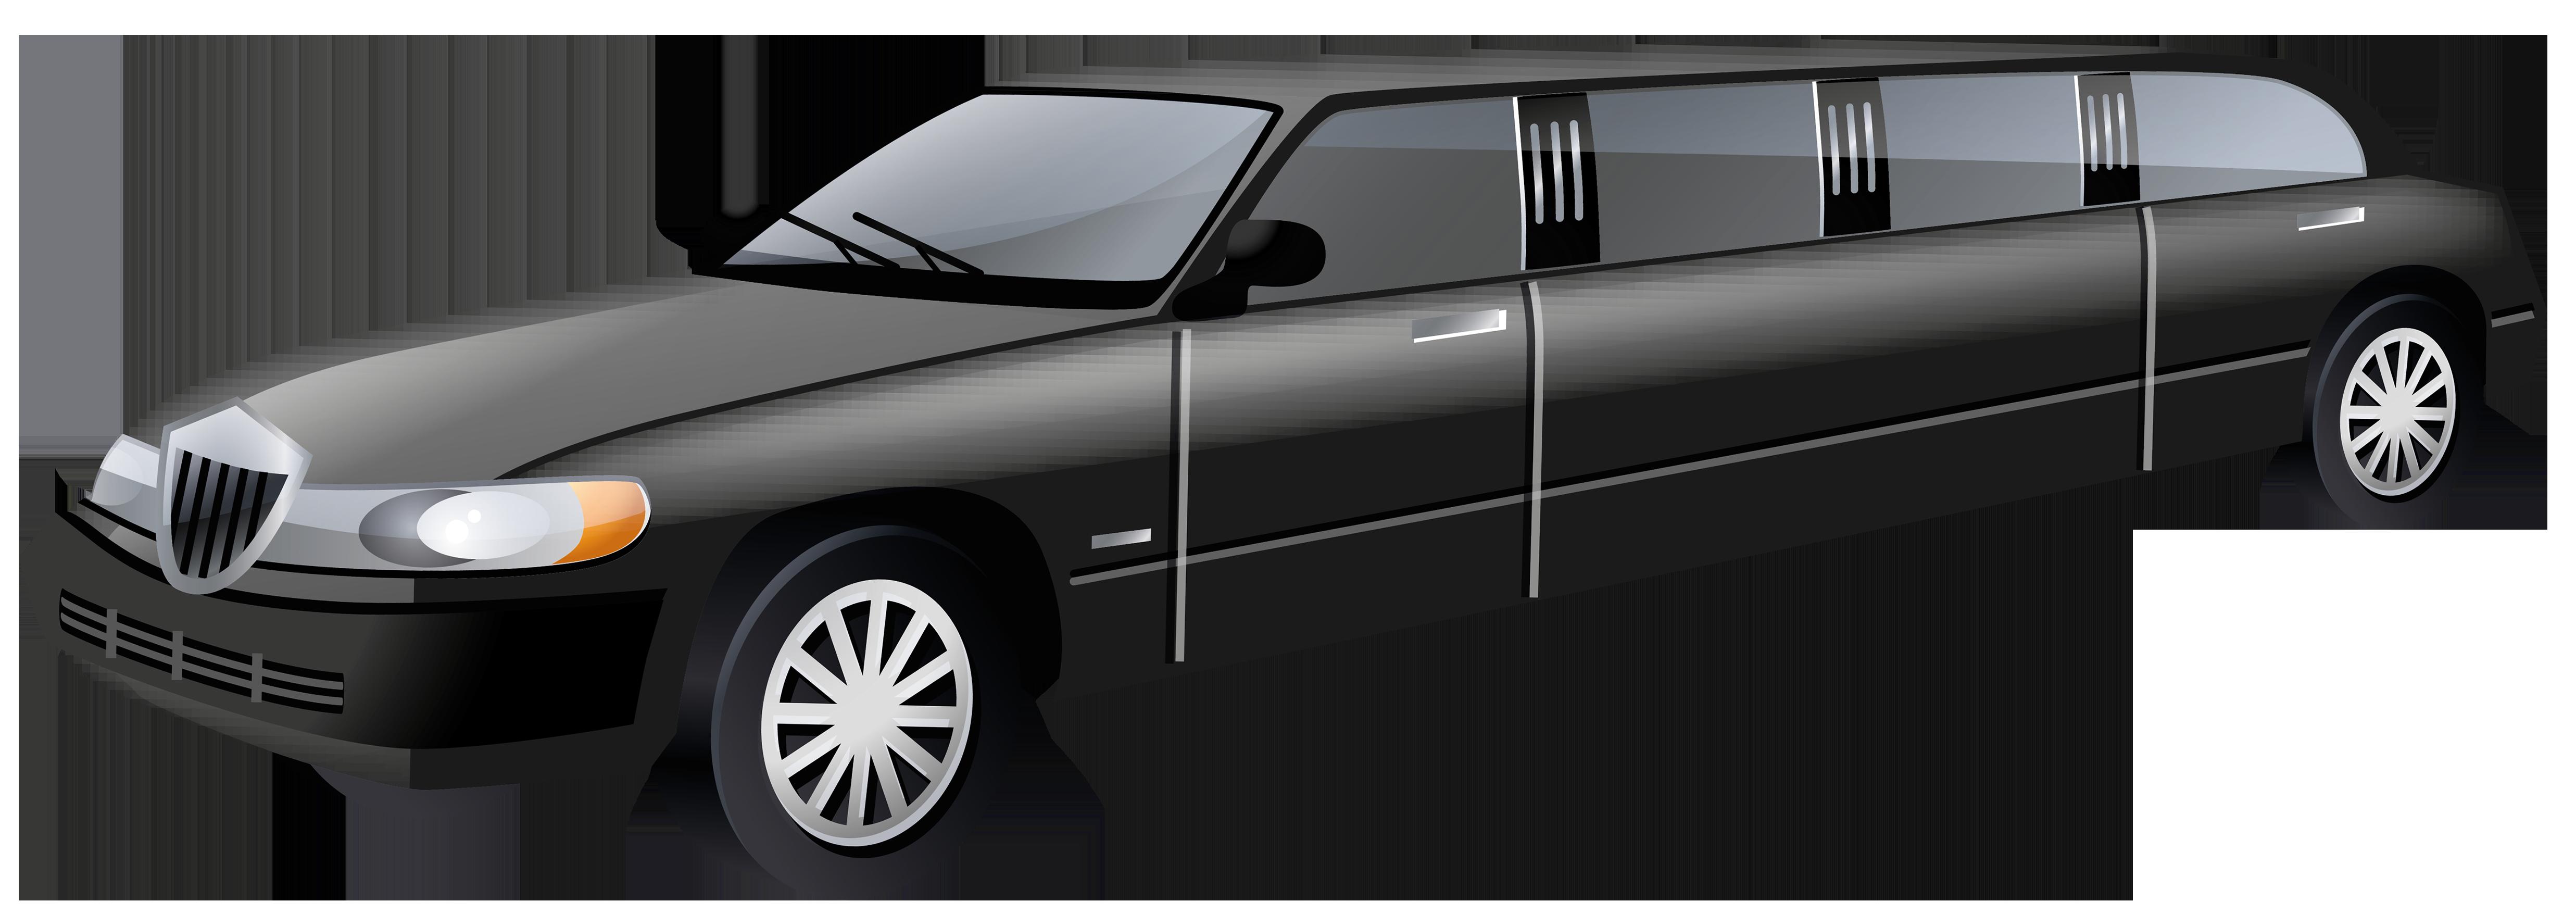 Clipart cars glass. Limousine png clip art